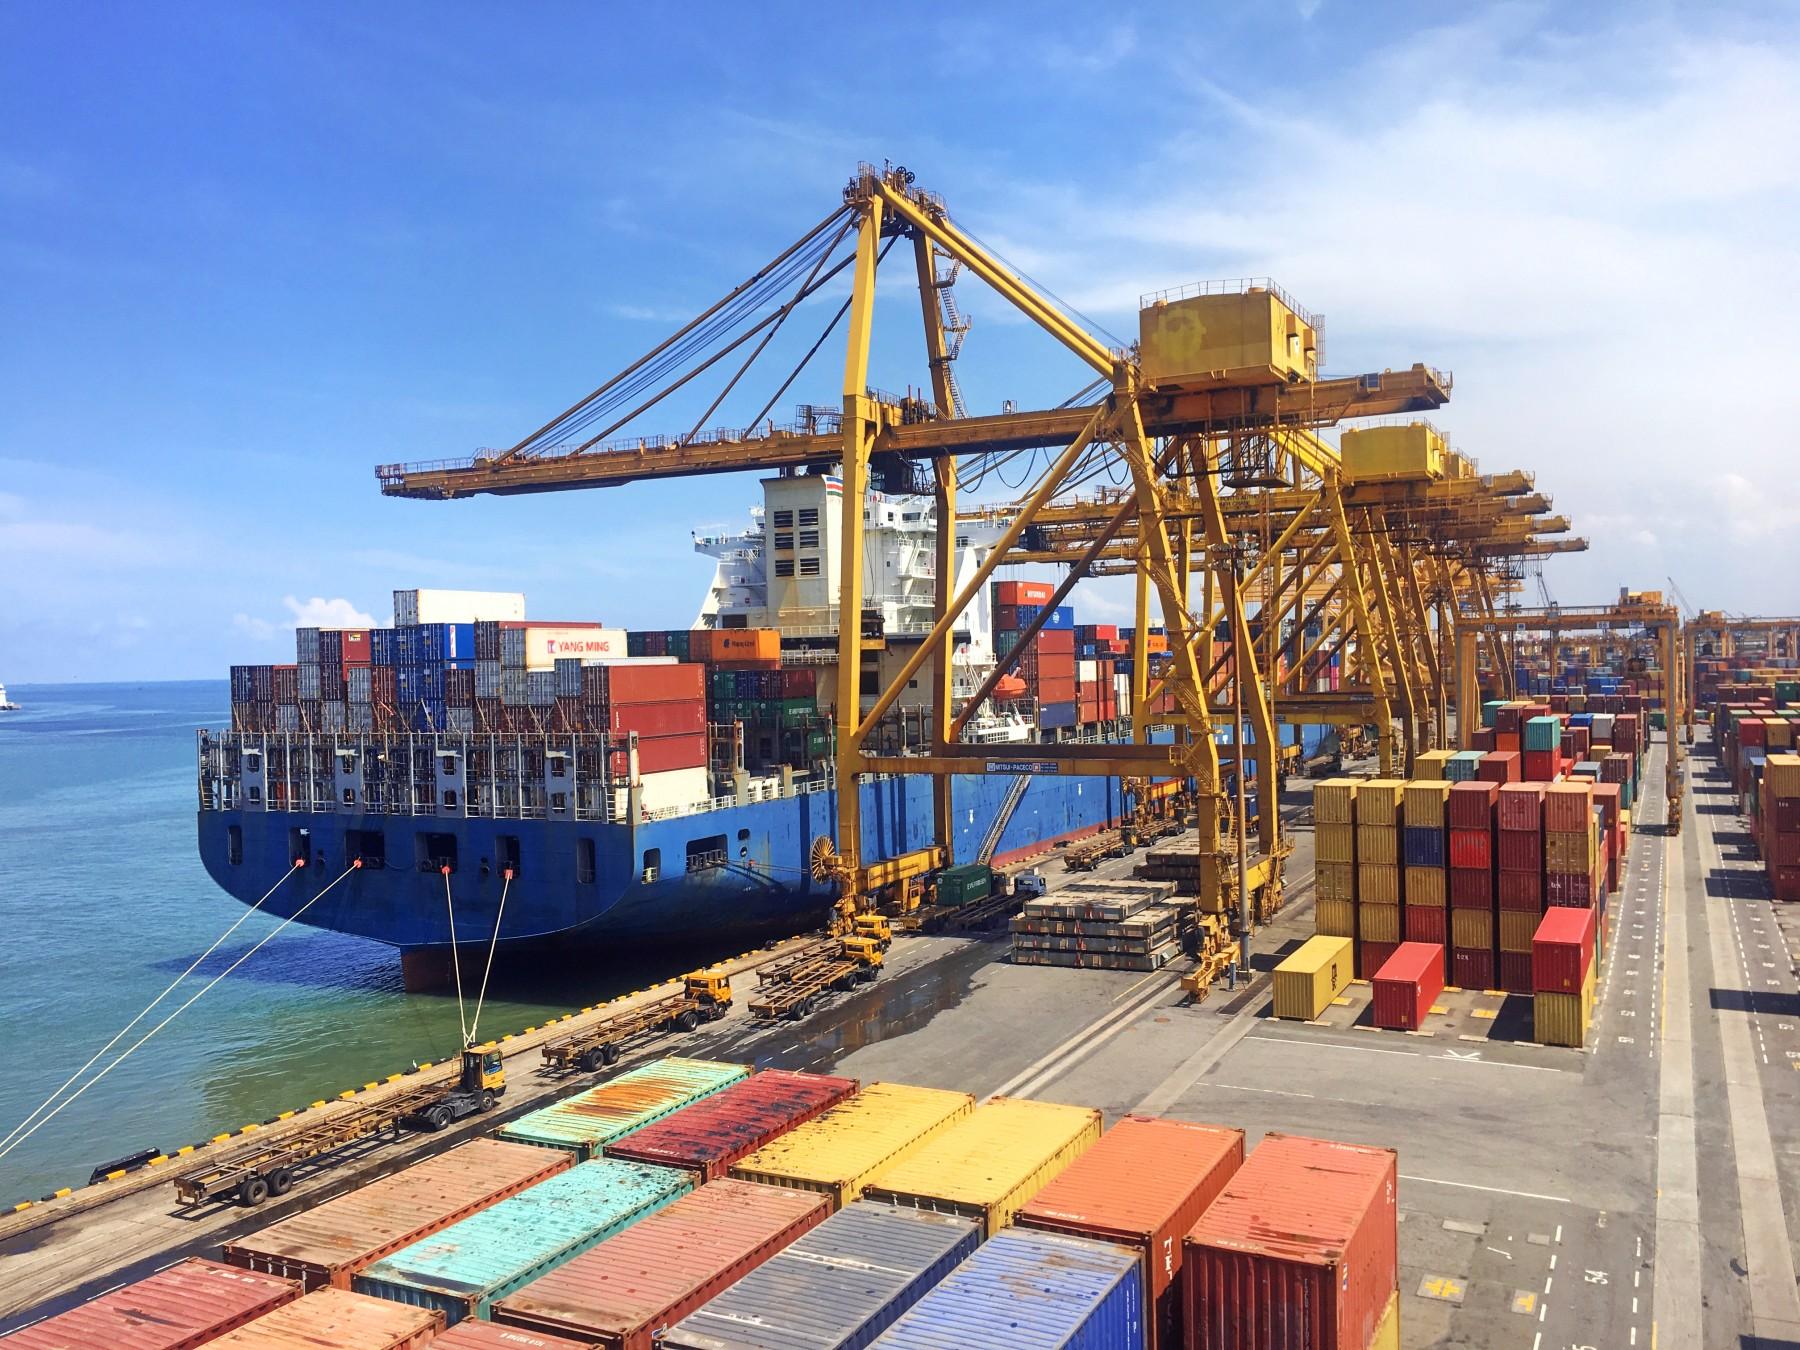 Αλαλούμ σε τέσσερα μεγάλα λιμάνια της Αυστραλίας